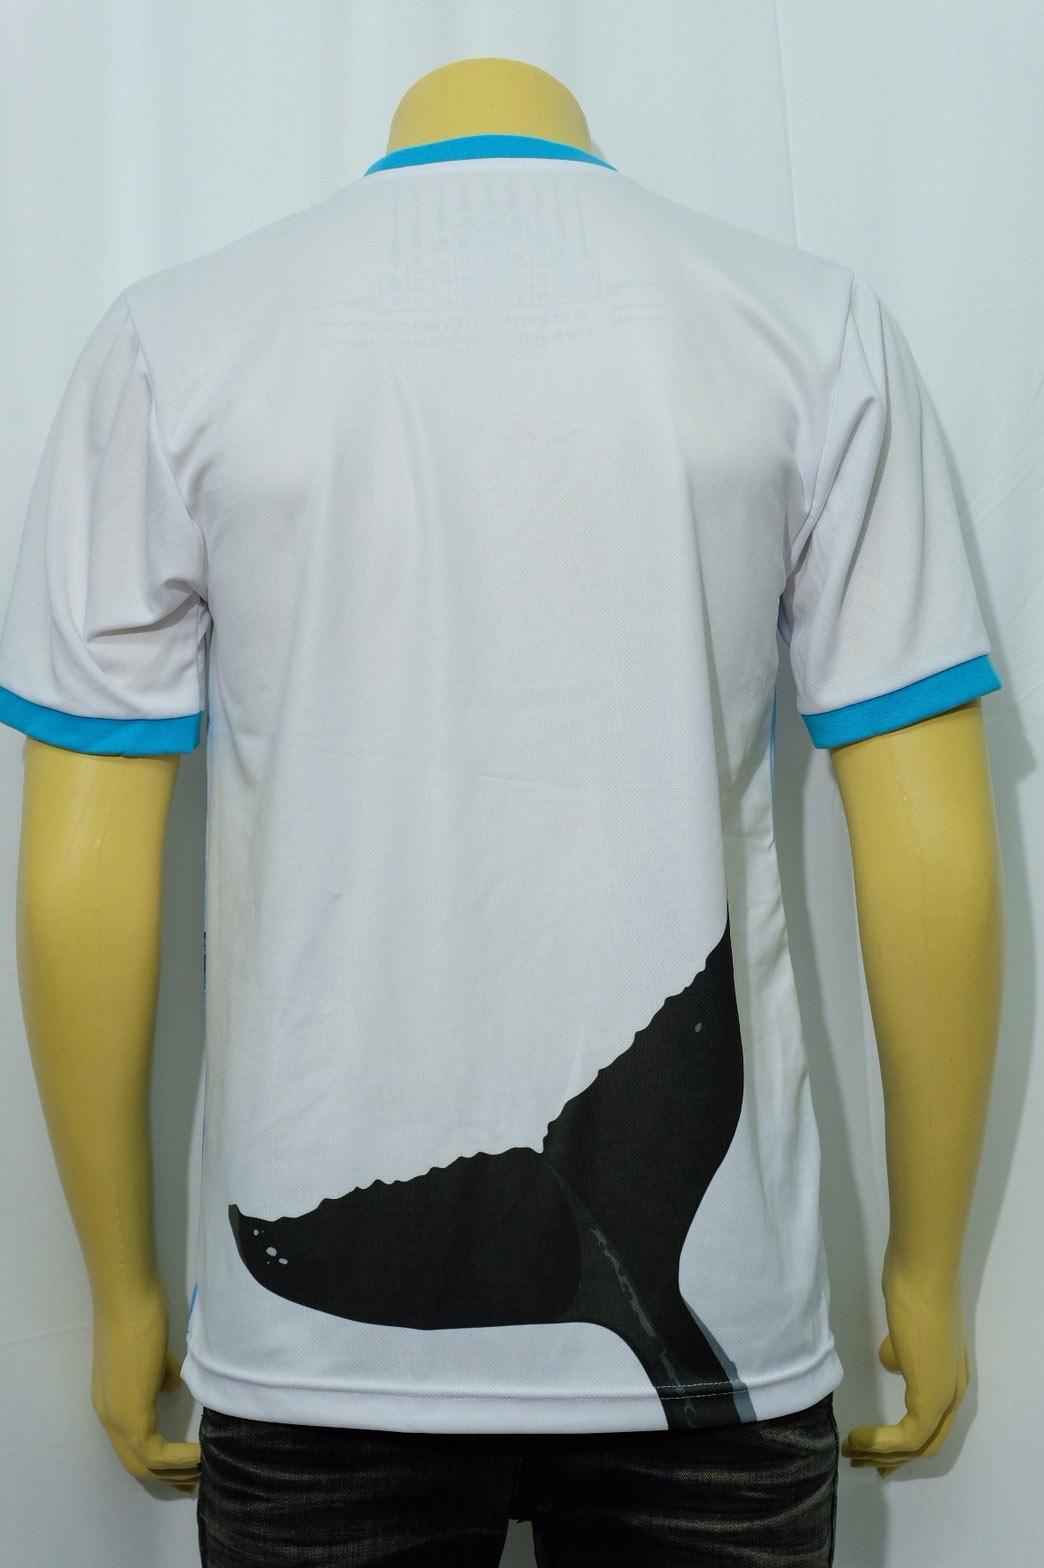 เสื้อยืดคอกลมสีขาว พร้อมสกรีนลาย